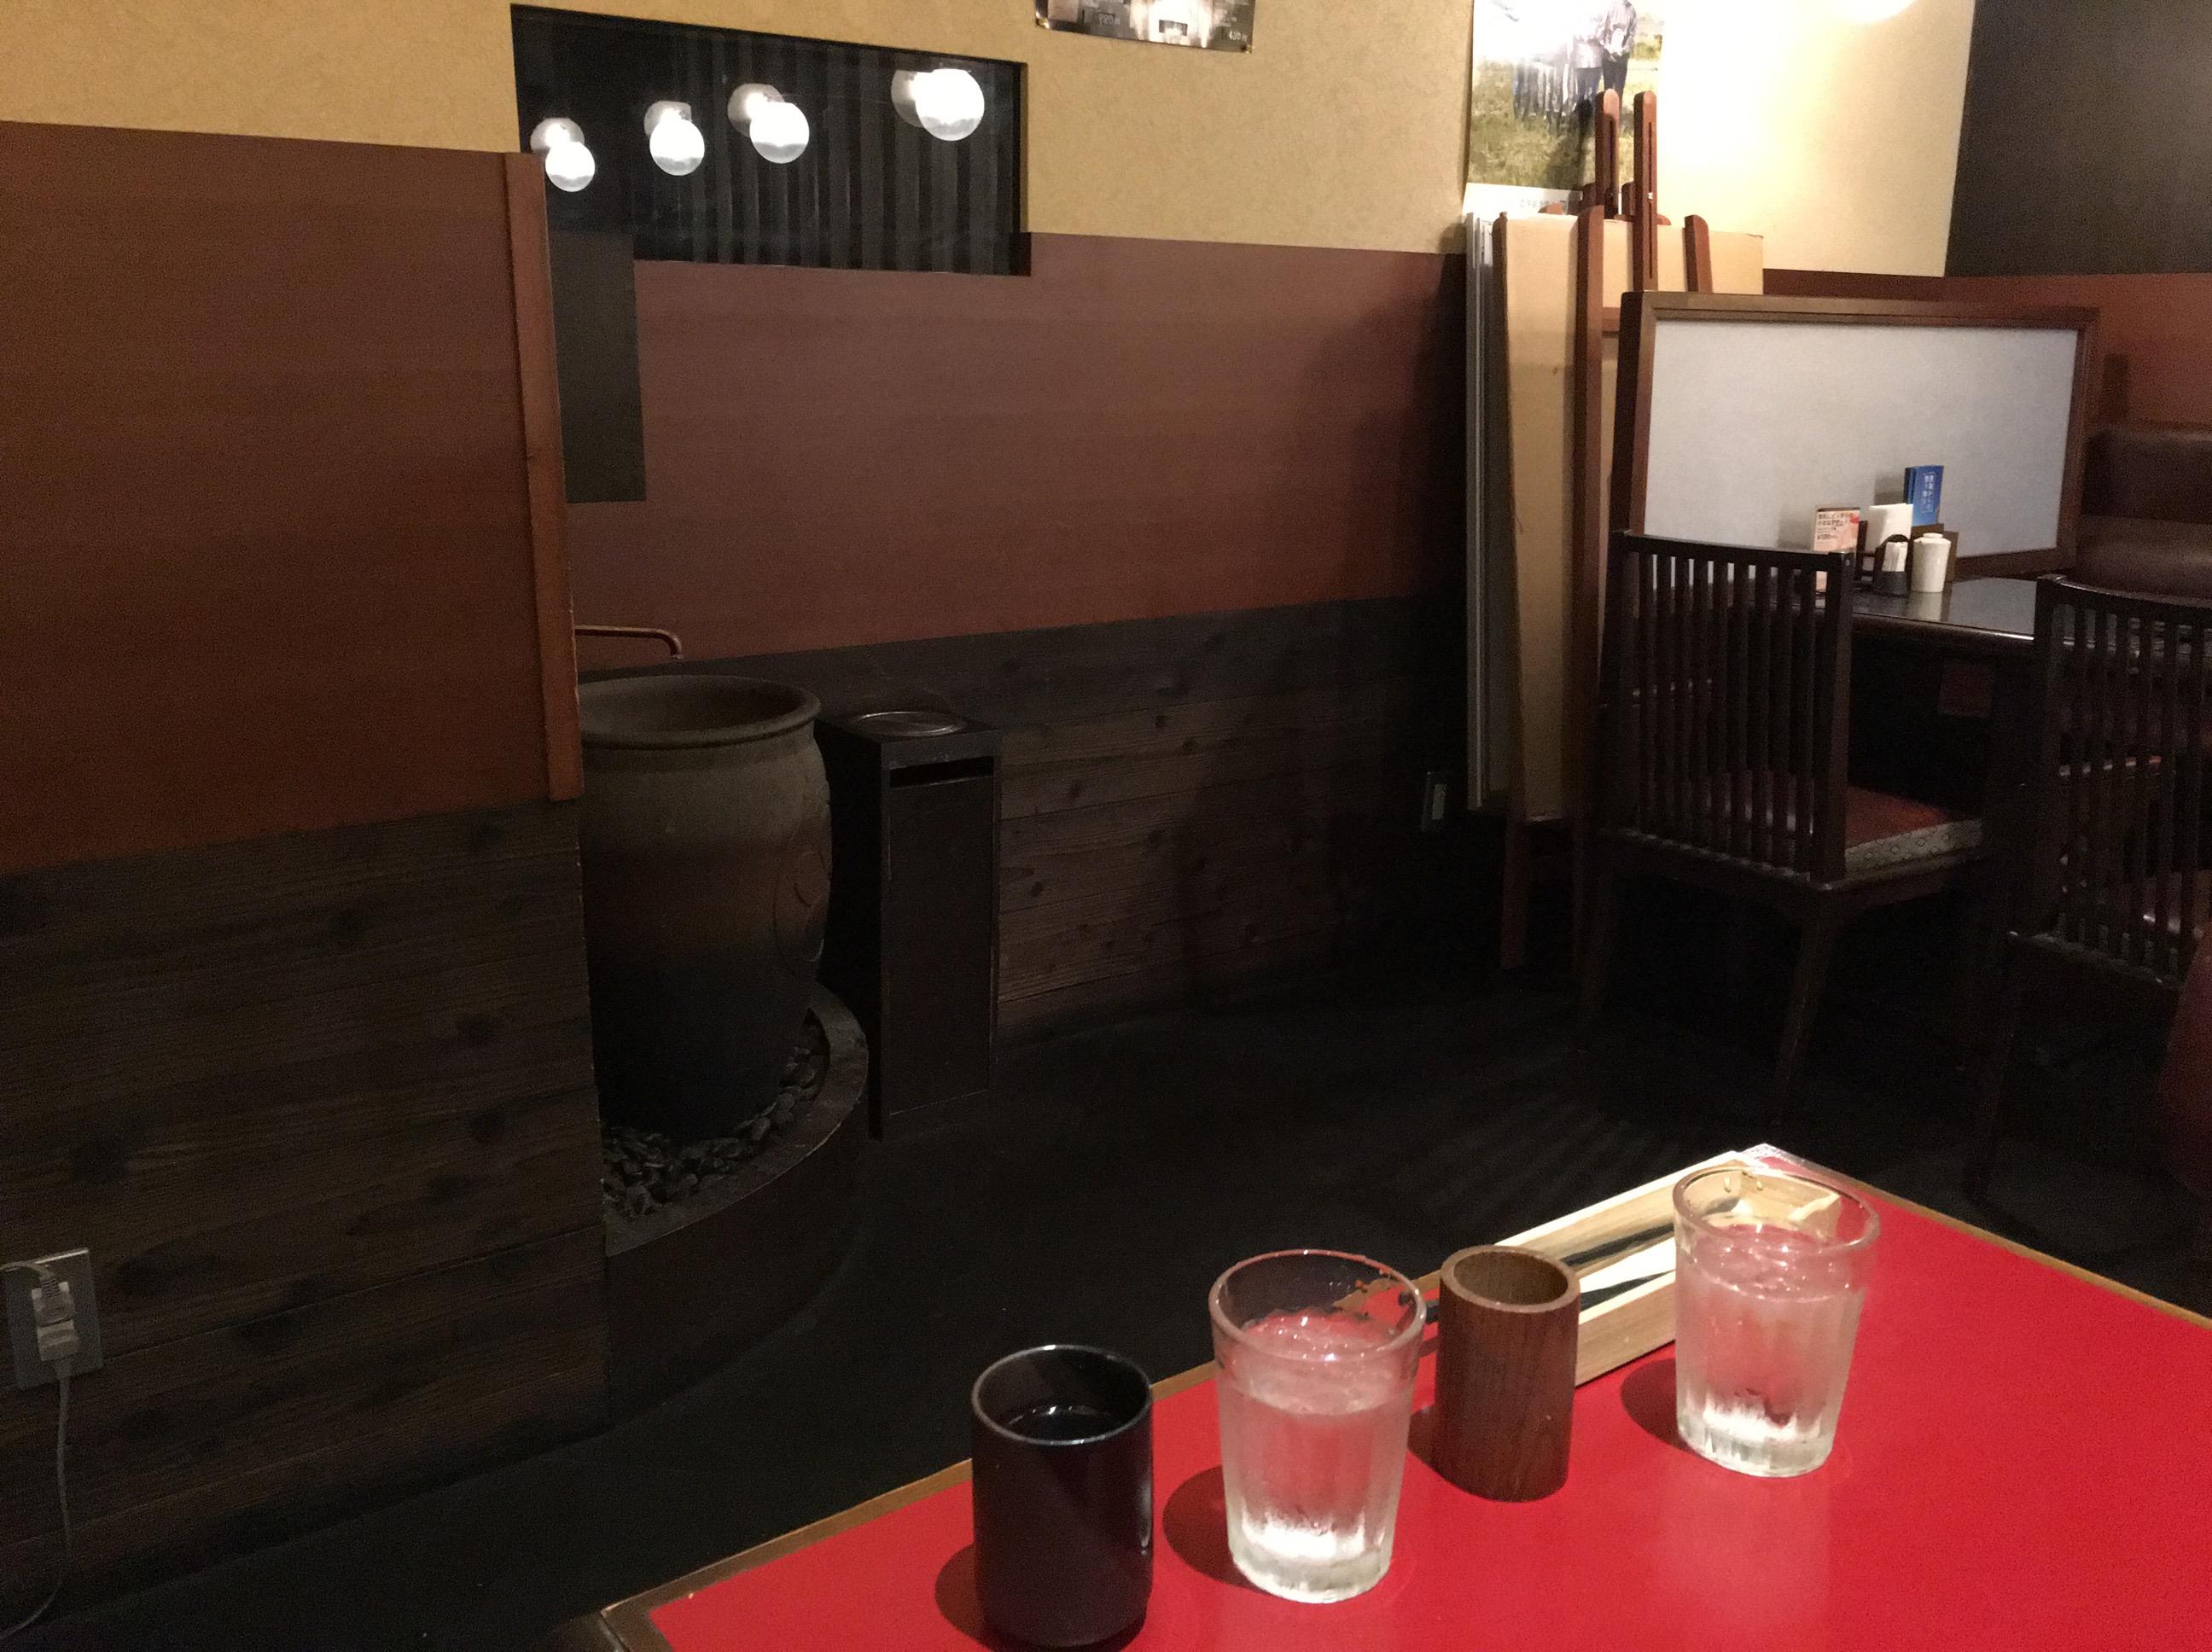 【久喜市】菖蒲モラージュ「五穀」にいってきた!メニュー画像あり